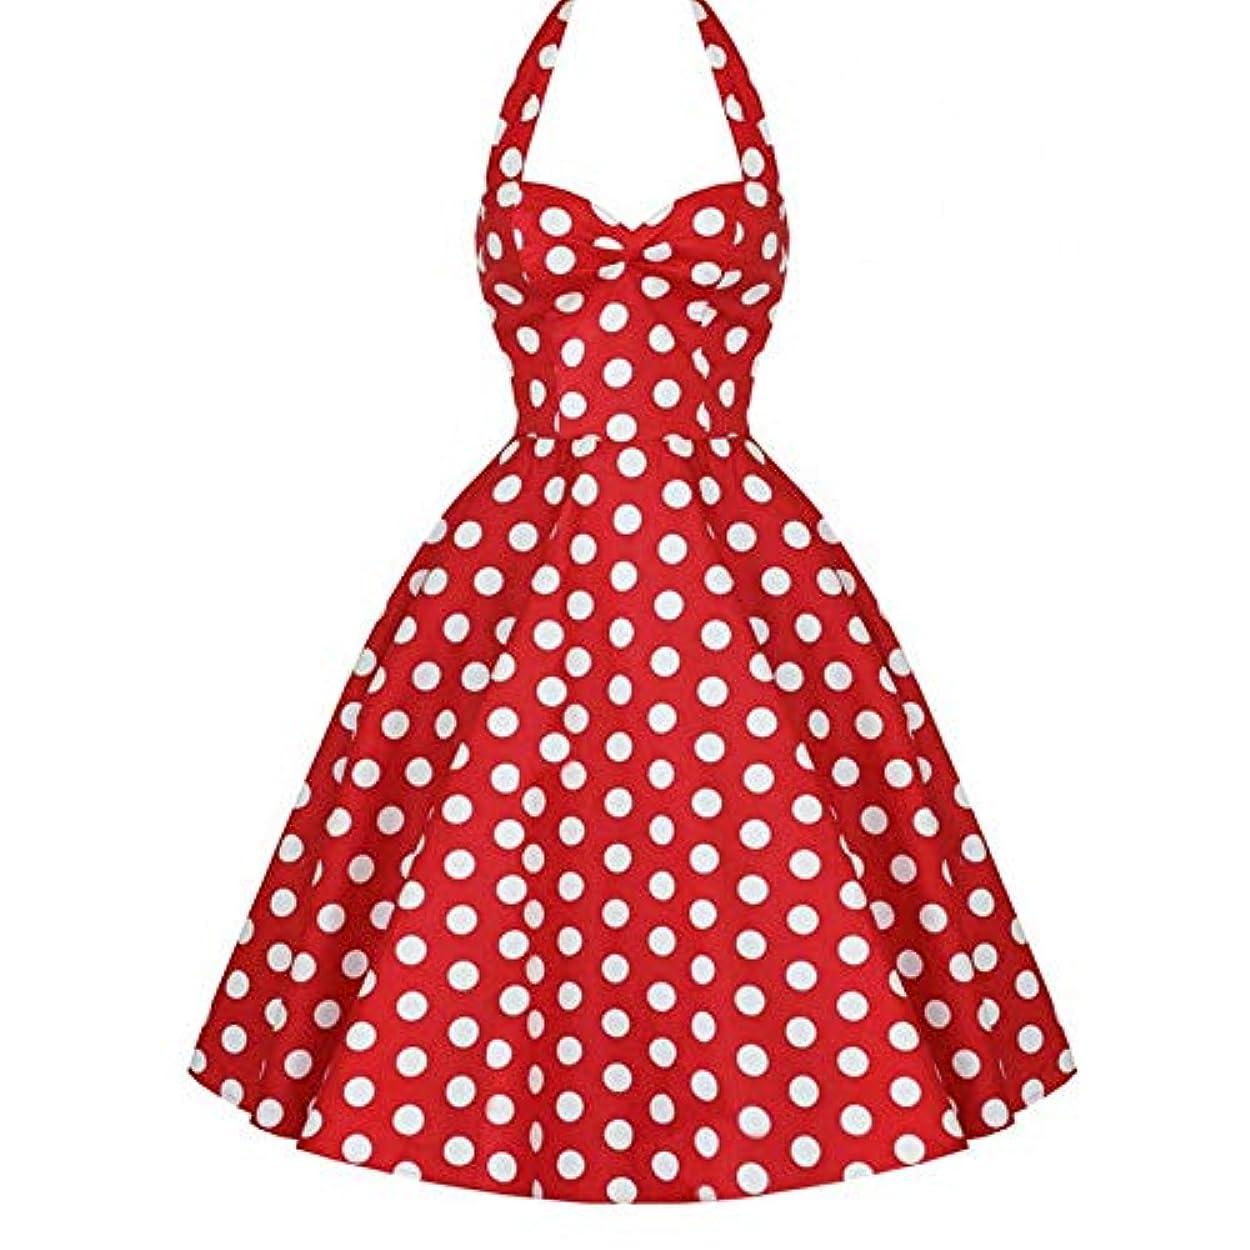 寄稿者願望スプレーヴィンテージドットパターンノースリーブレディードレス中層イブニングドレススリムカット大きな裾プリンセスドレスホルターネックバブルドレス-赤M